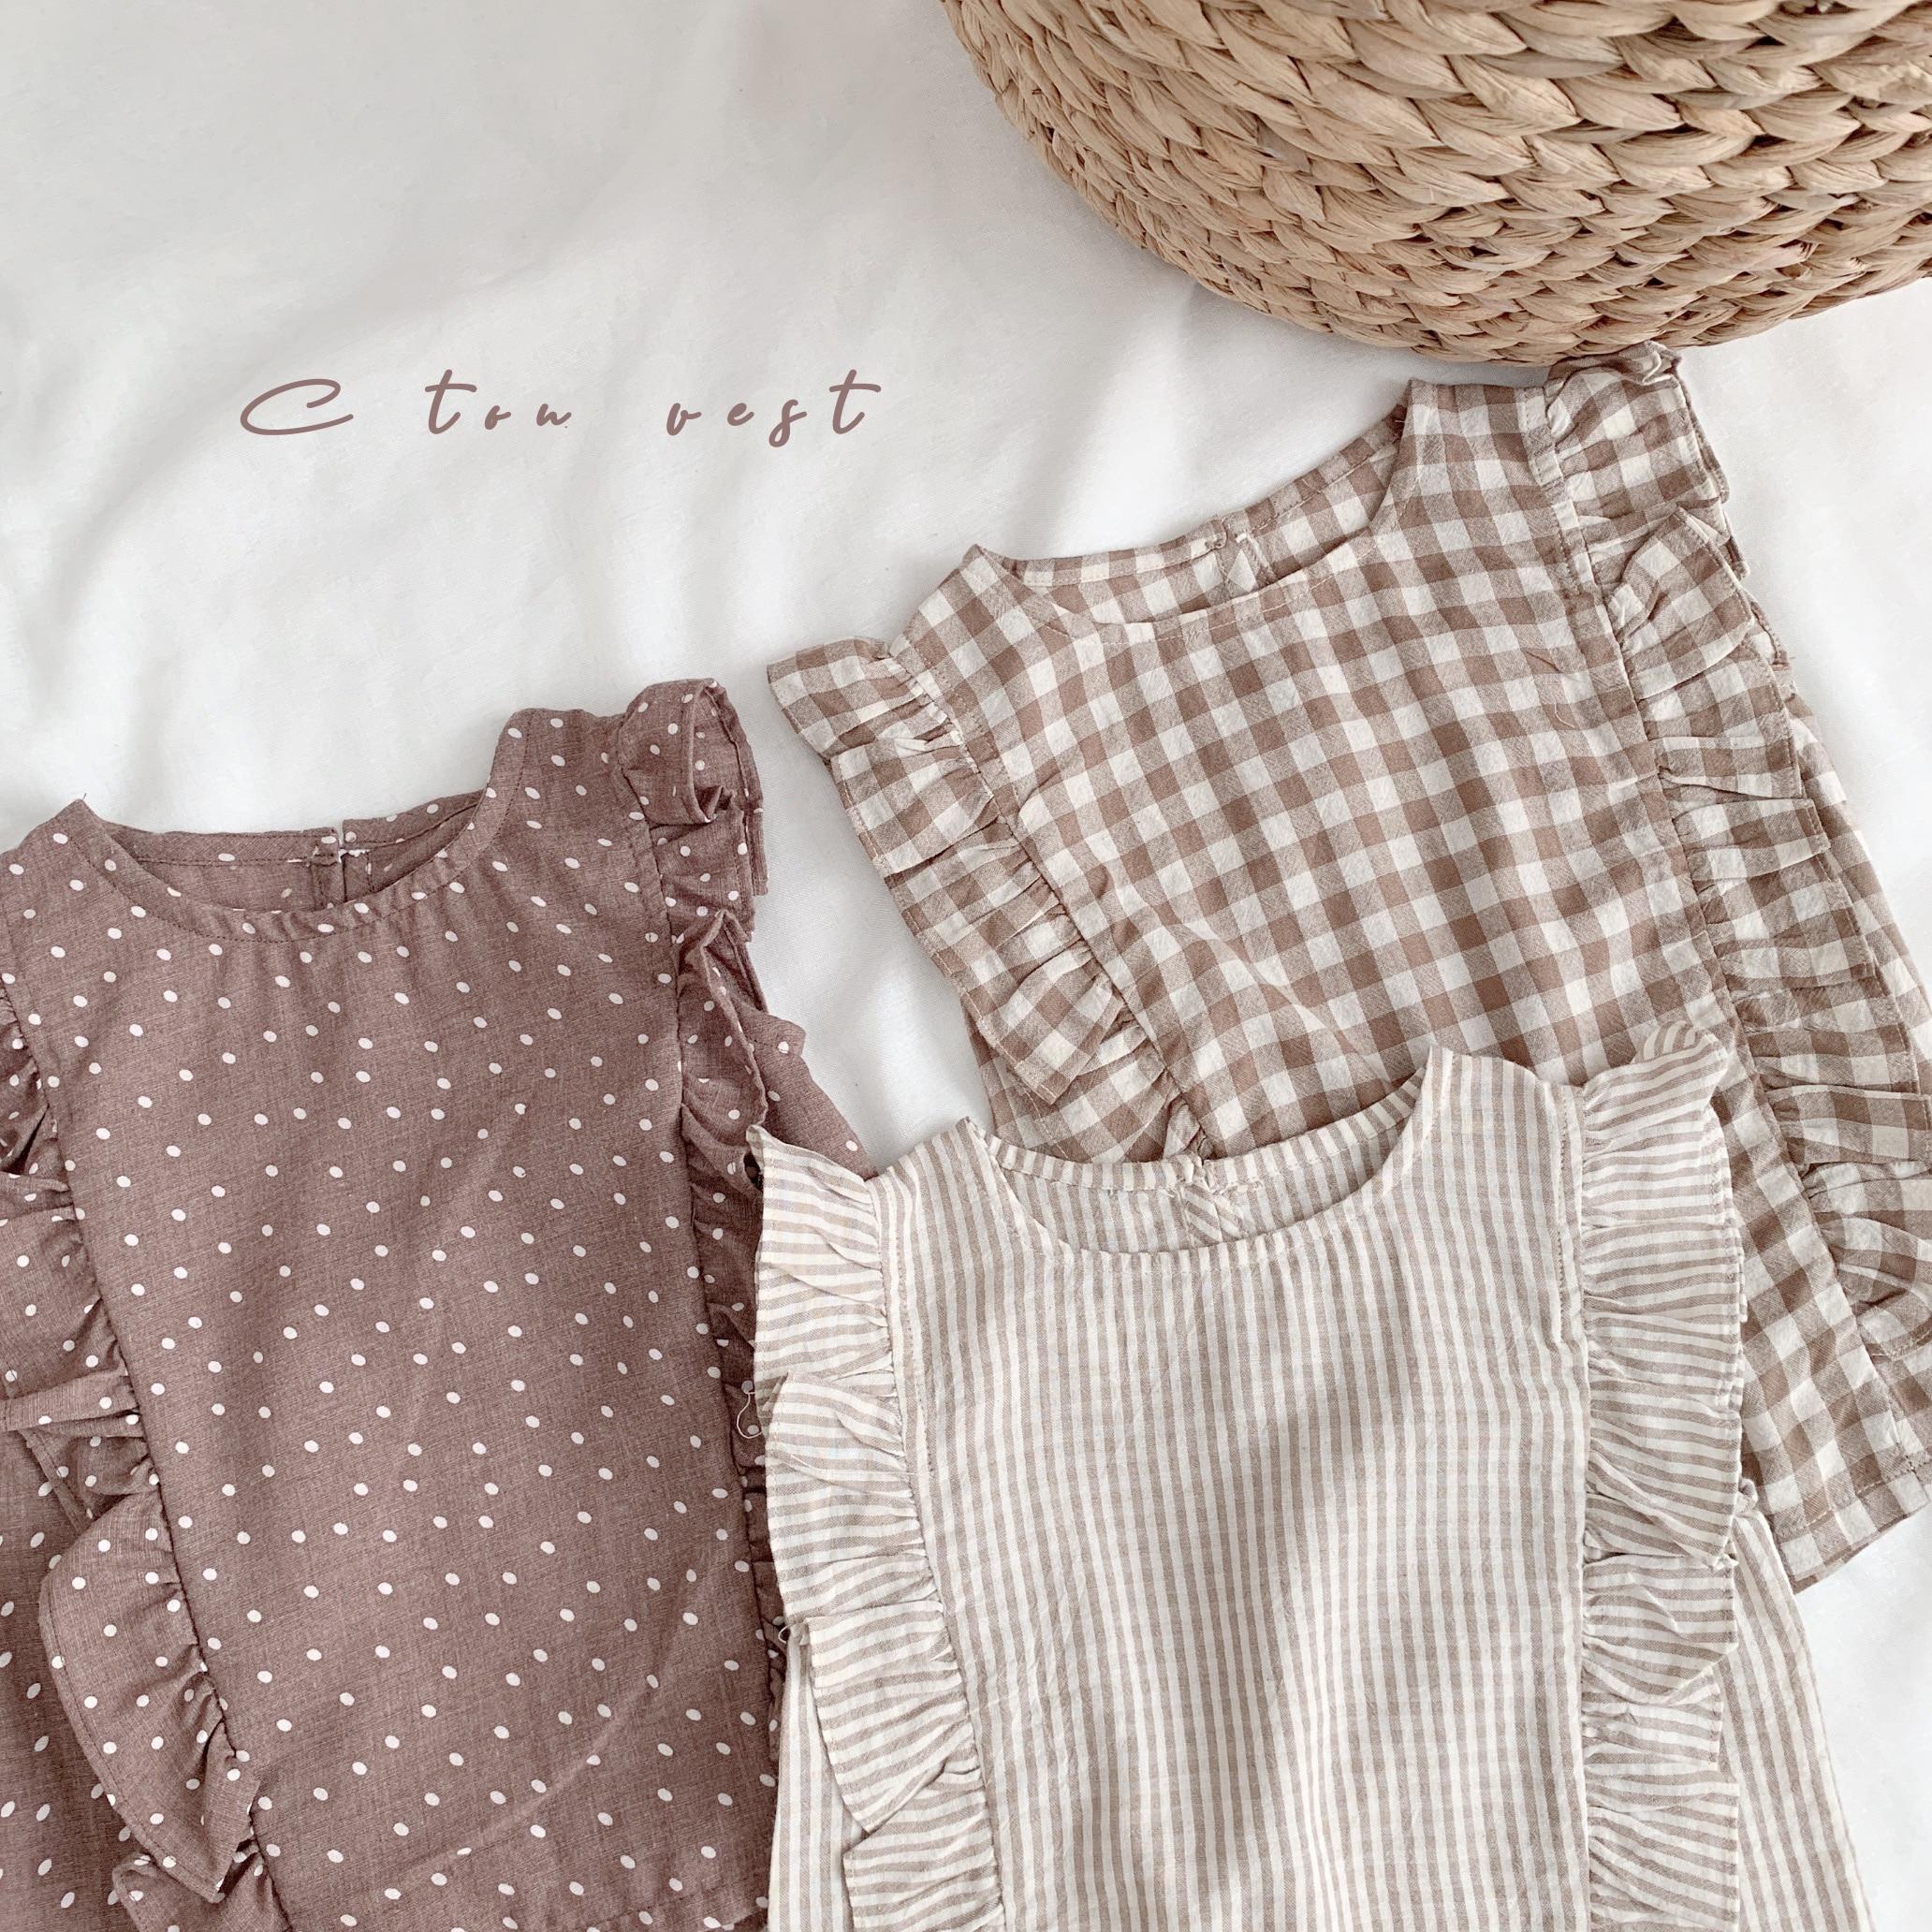 Children Summer Wear Clothing 2019 New Girl's Vest T-shirt Baby Flying Sleeveless Doll Shirt Soft Comfortable Plaid Girl Blouses